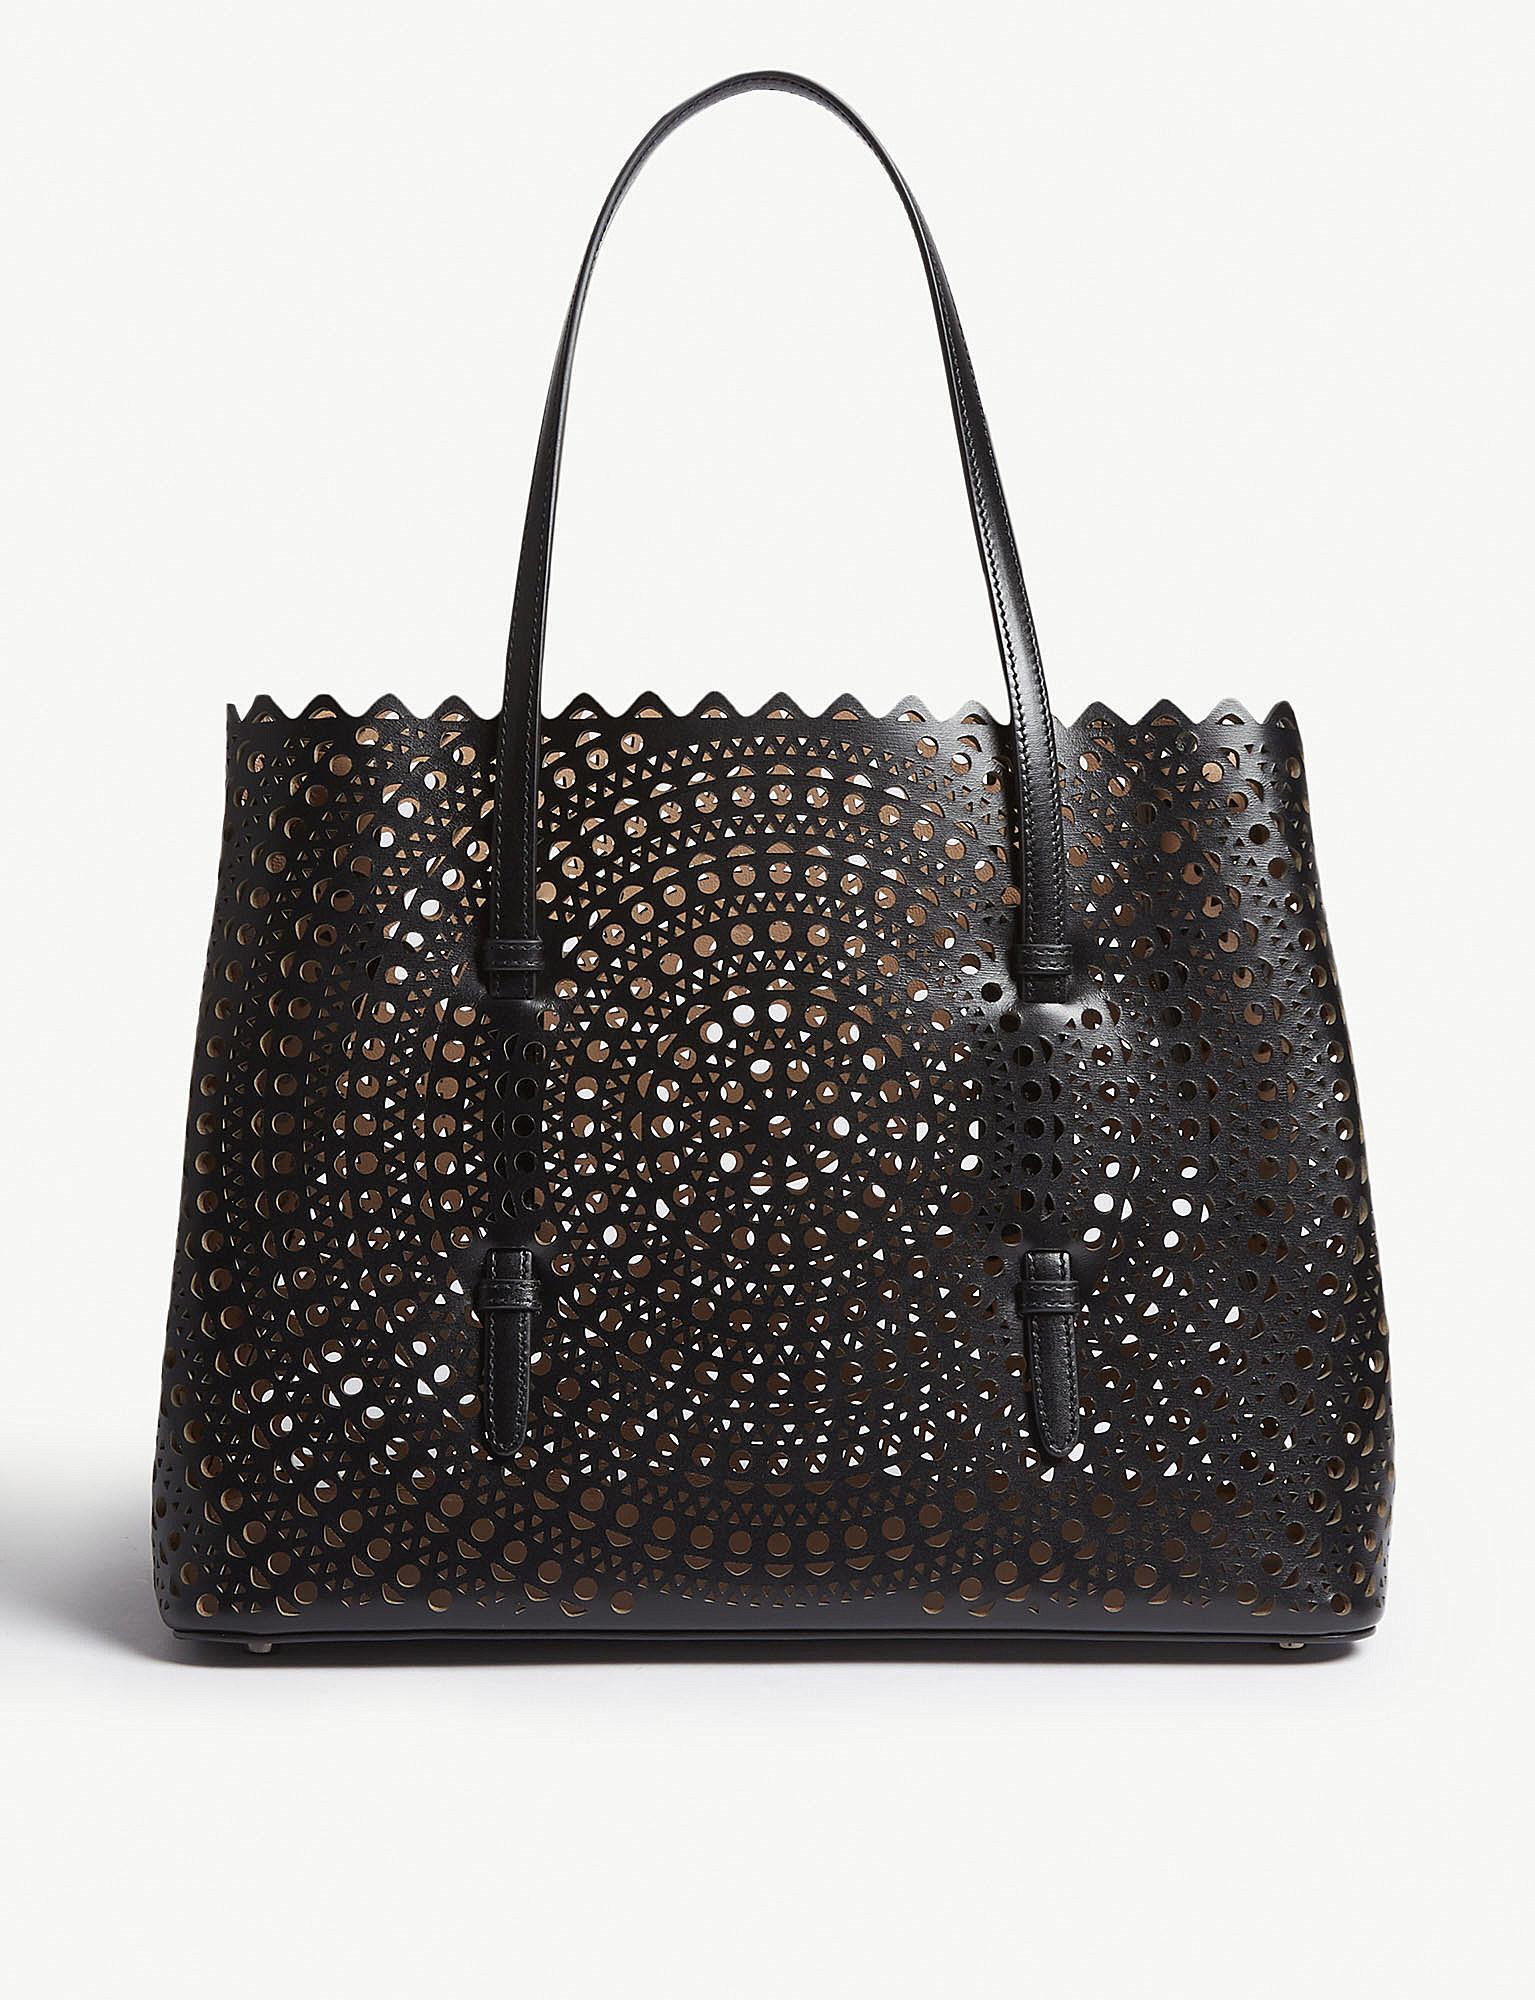 297a77e3fcda alaia-Black-Black-Geometric-Small-Laser-Cut-Leather-Tote-Bag.jpeg